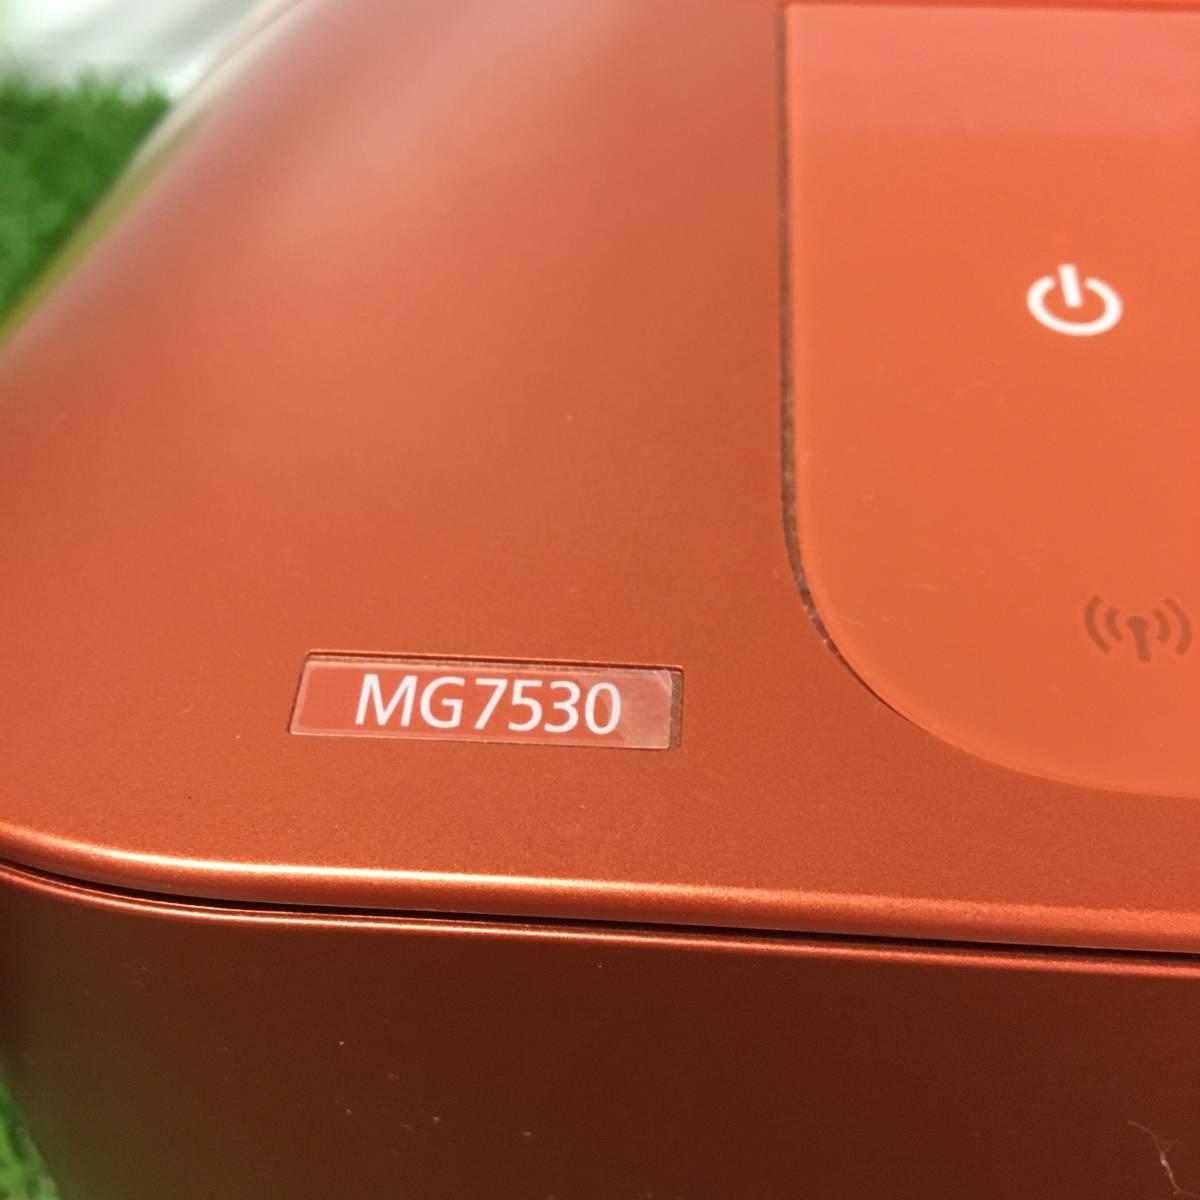 Canon キャノン PIXUS ピクサス インクジェット プリンタ MG7530 オレンジ テスト用紙付 動作確認済_画像4